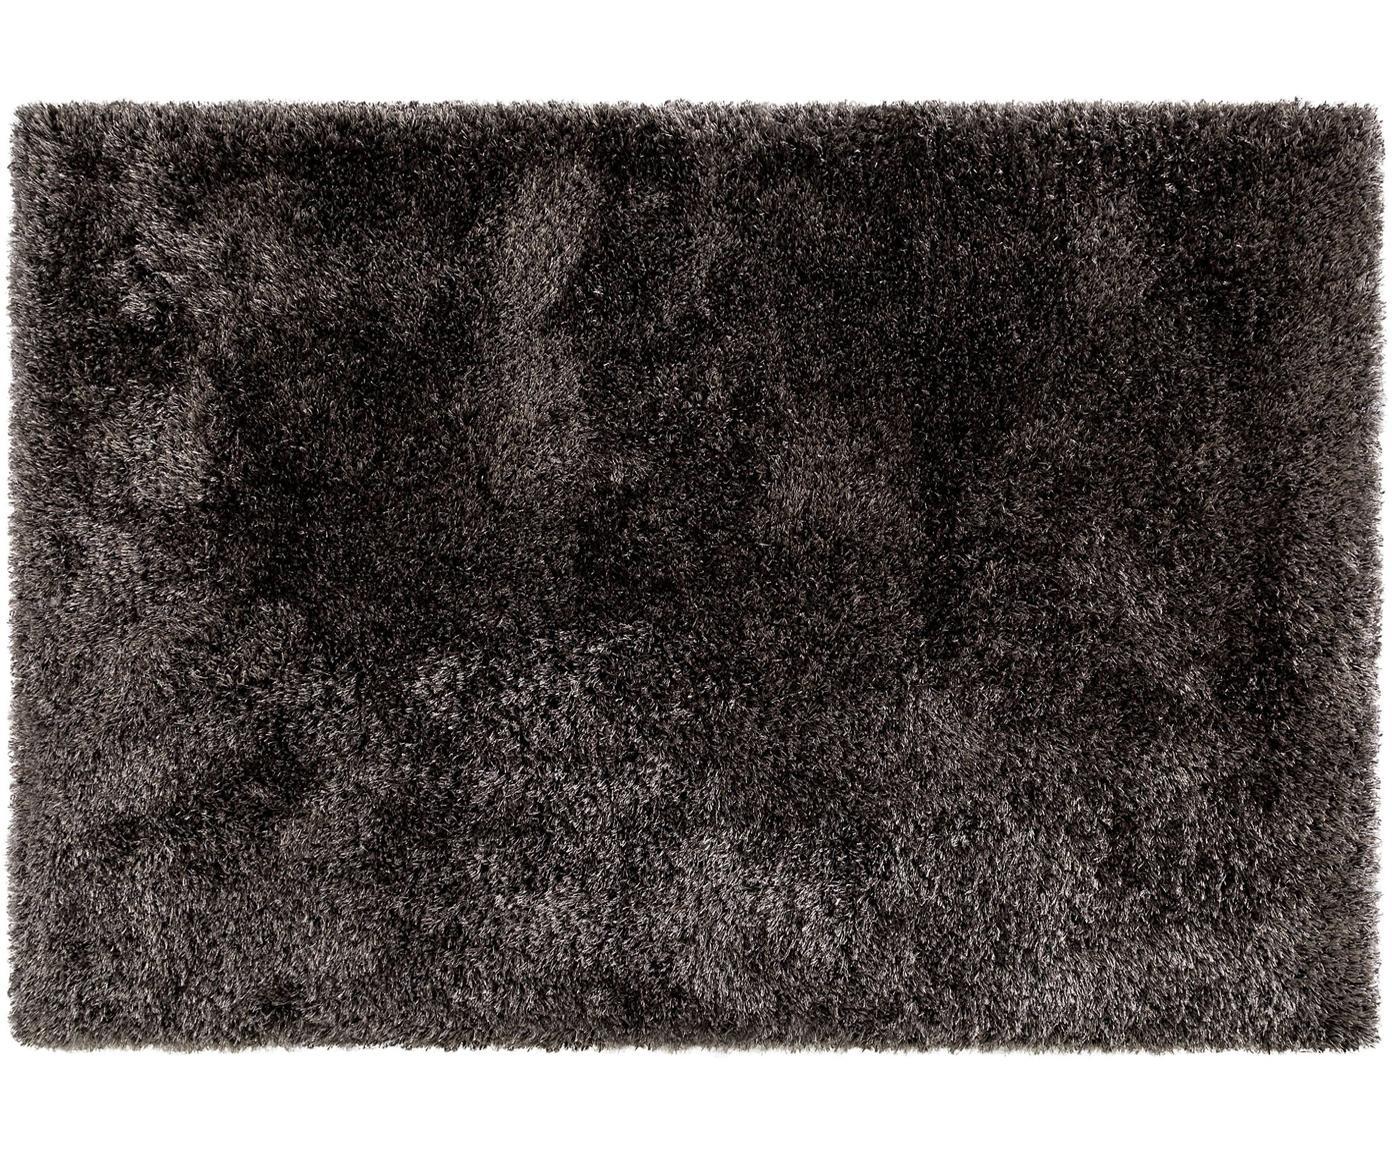 Alfombra de pelo largo Lea, 50%poliéster, 50%polipropileno, Gris antracita, An 140 x L 200 cm (Tamaño S)